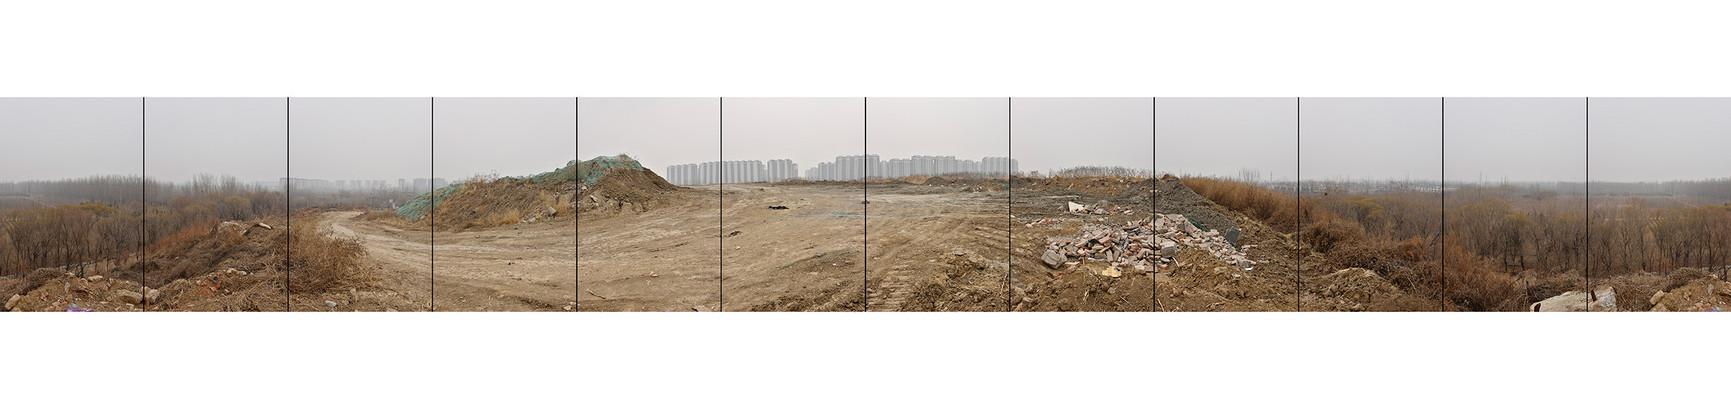 北京废墟29.jpg